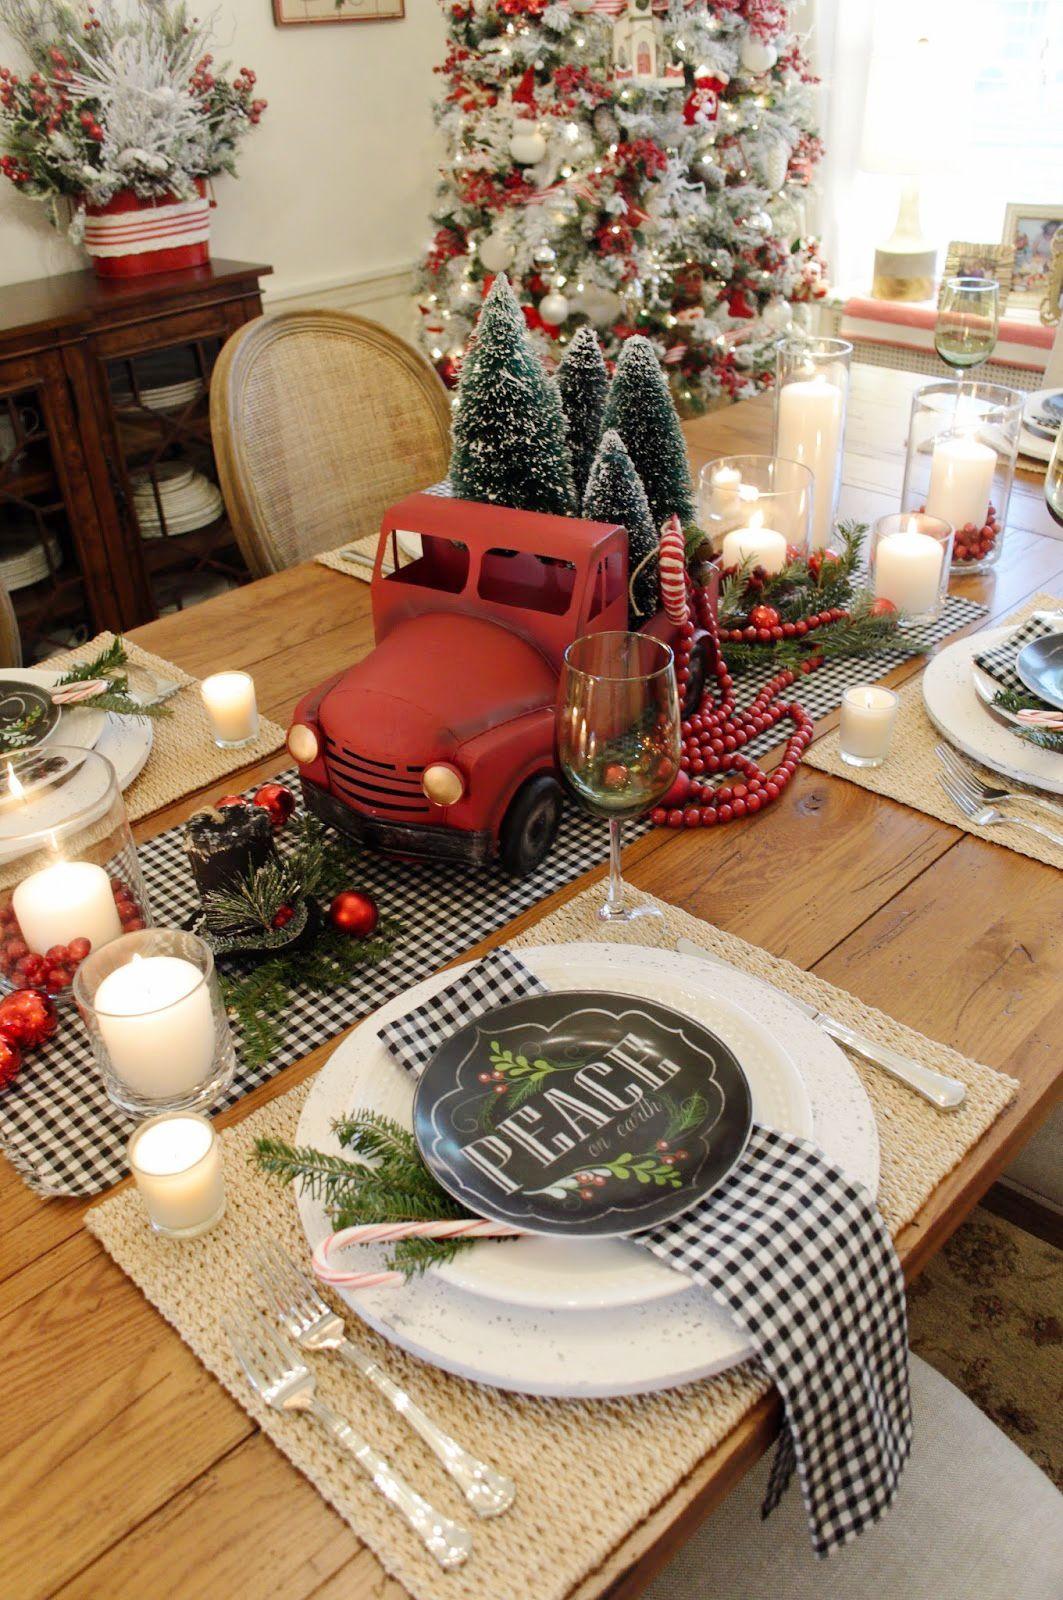 Christmas Table Decoration Ideas Christmas Decorations For The Home Diy Christmas Table Christmas Table Decorations Diy